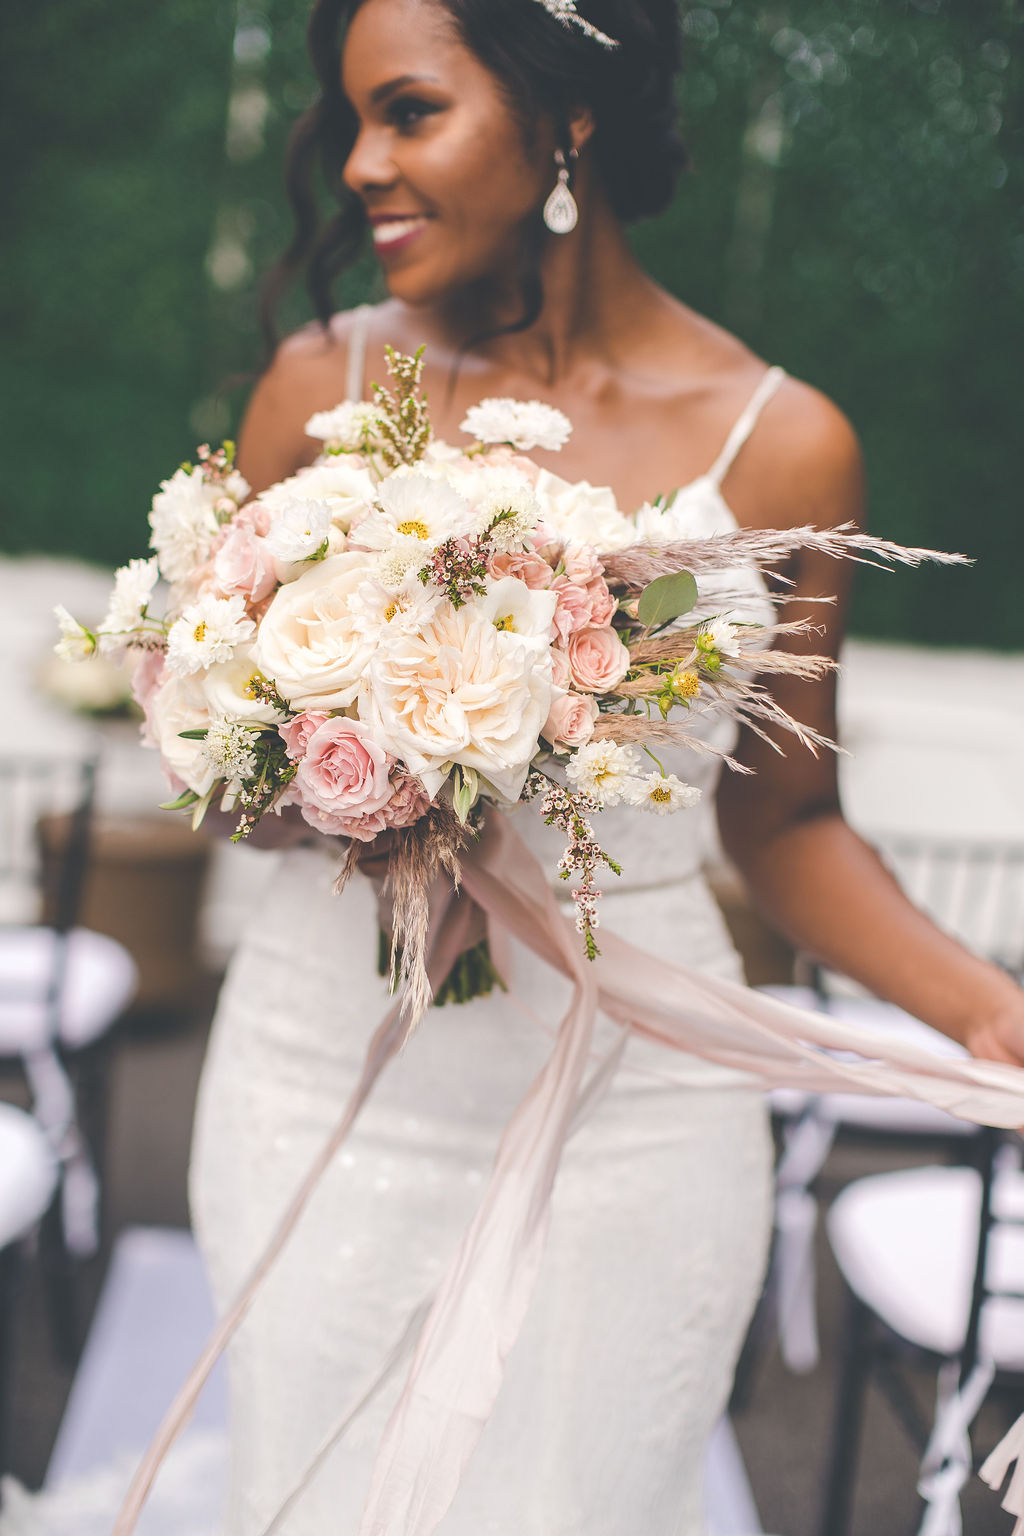 bridal-bouquet. brides-bouquet, blush-and-ivory-bridal-bouquet, dayton-wedding-florist, dayton-florist, Cincinnat-floristi